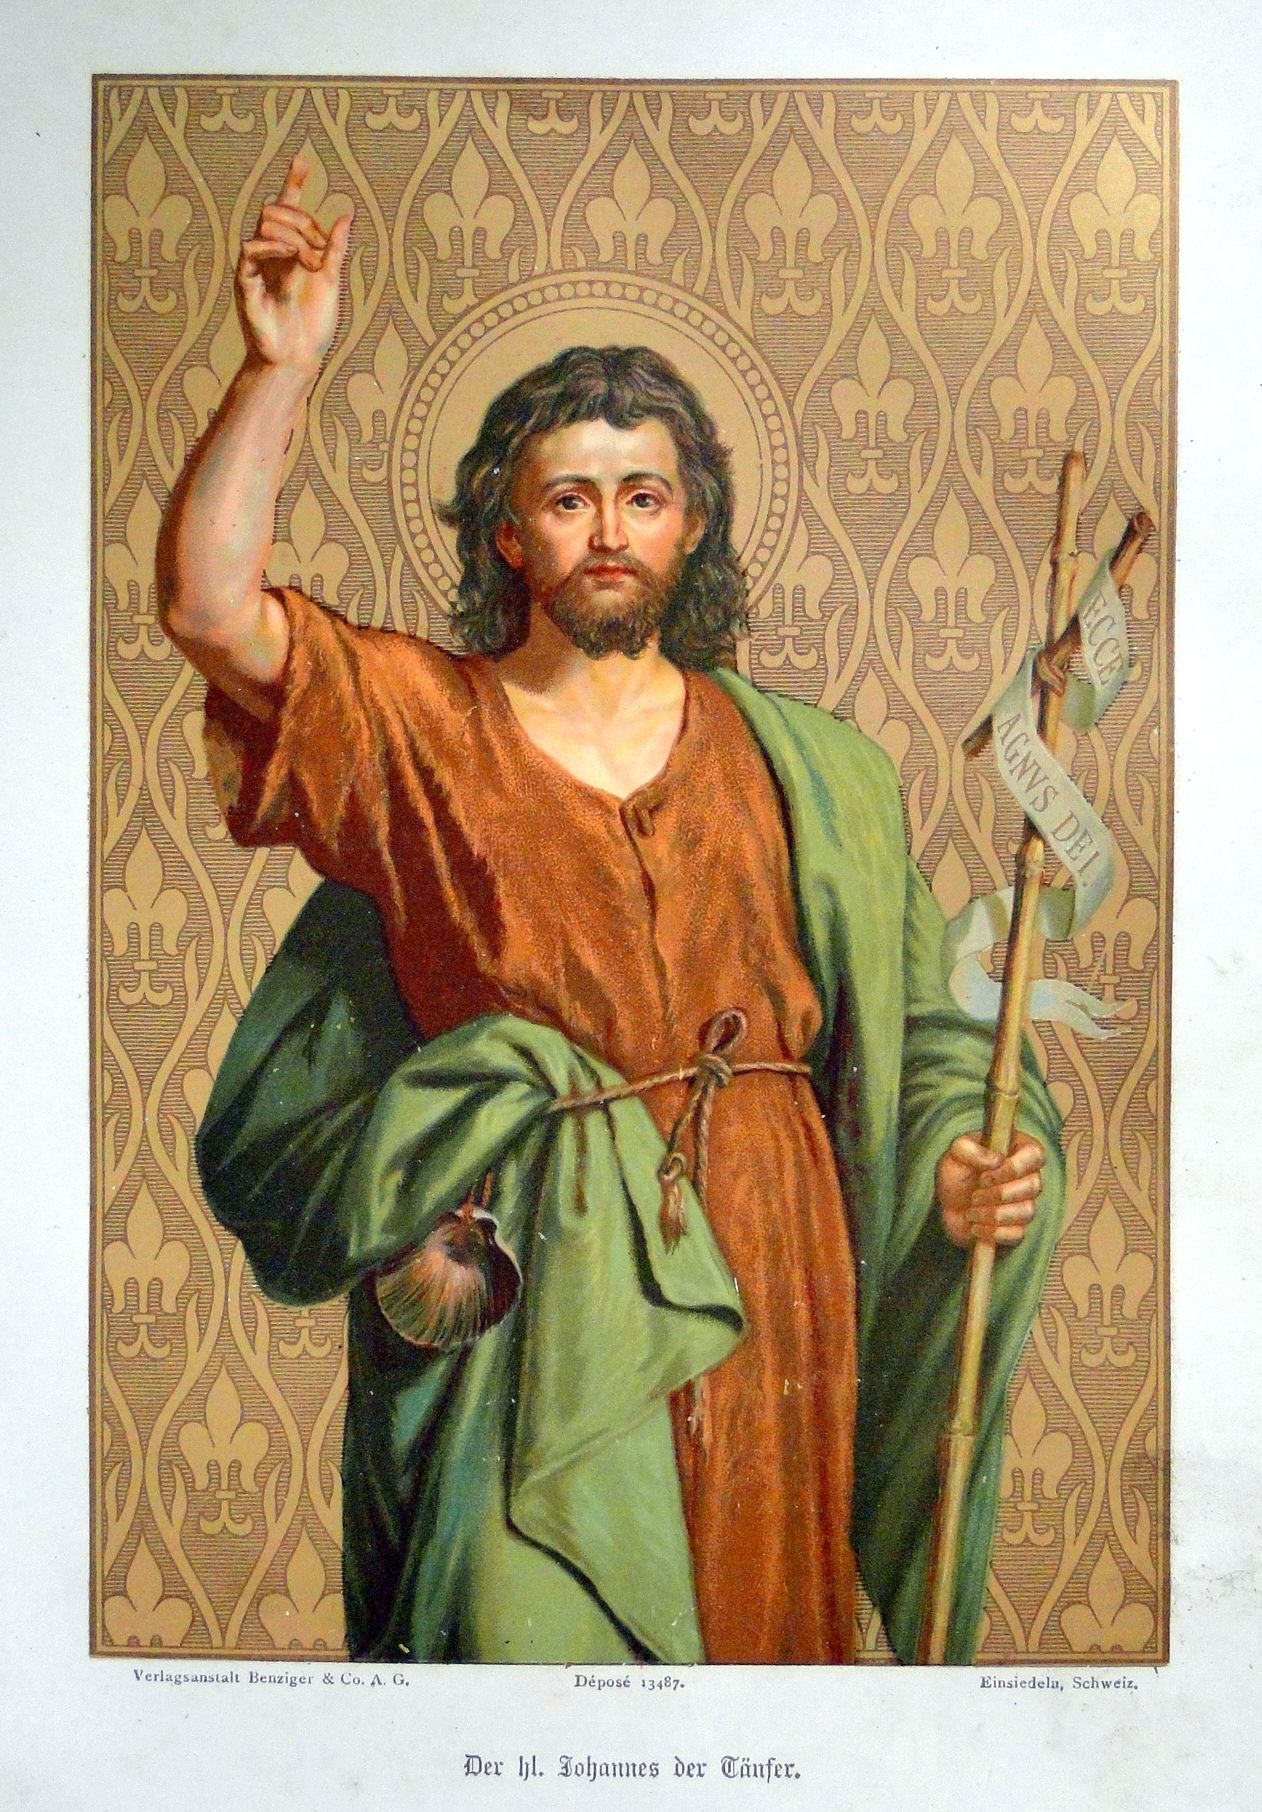 Der Heilige Johannes